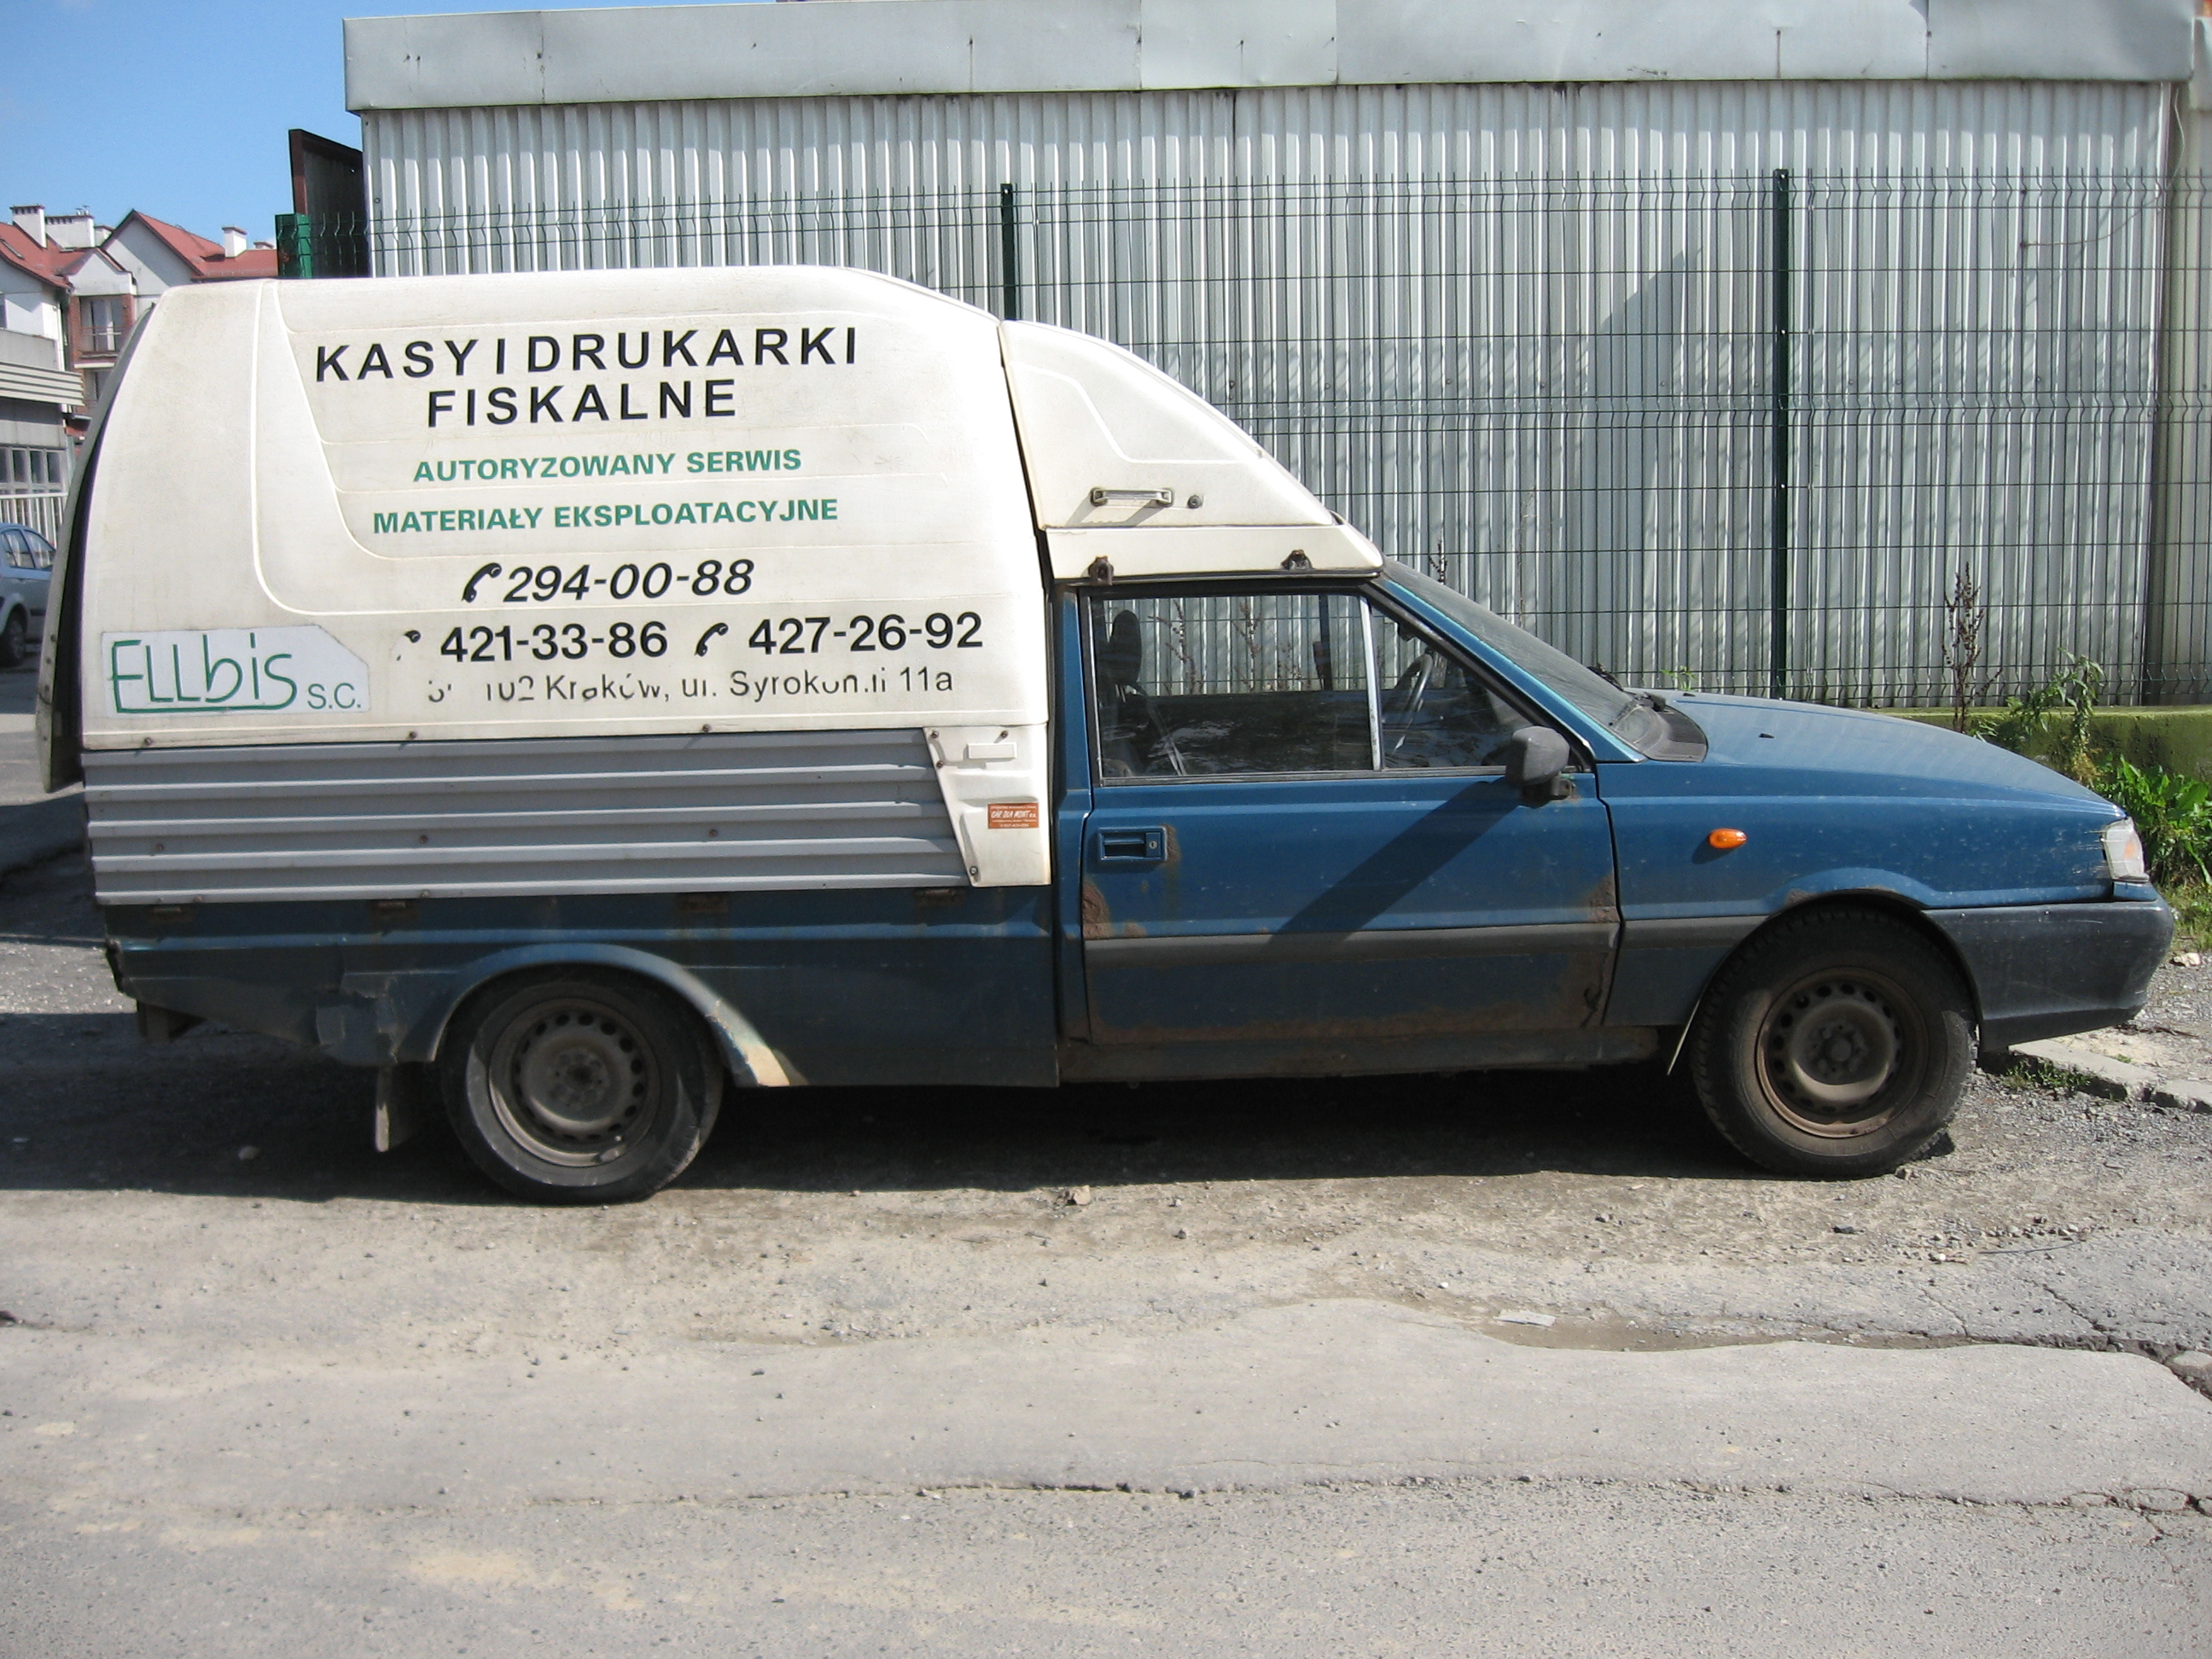 File:Daewoo-FSO Polonez Truck Plus ST in Kraków (3).jpg - Wikimedia